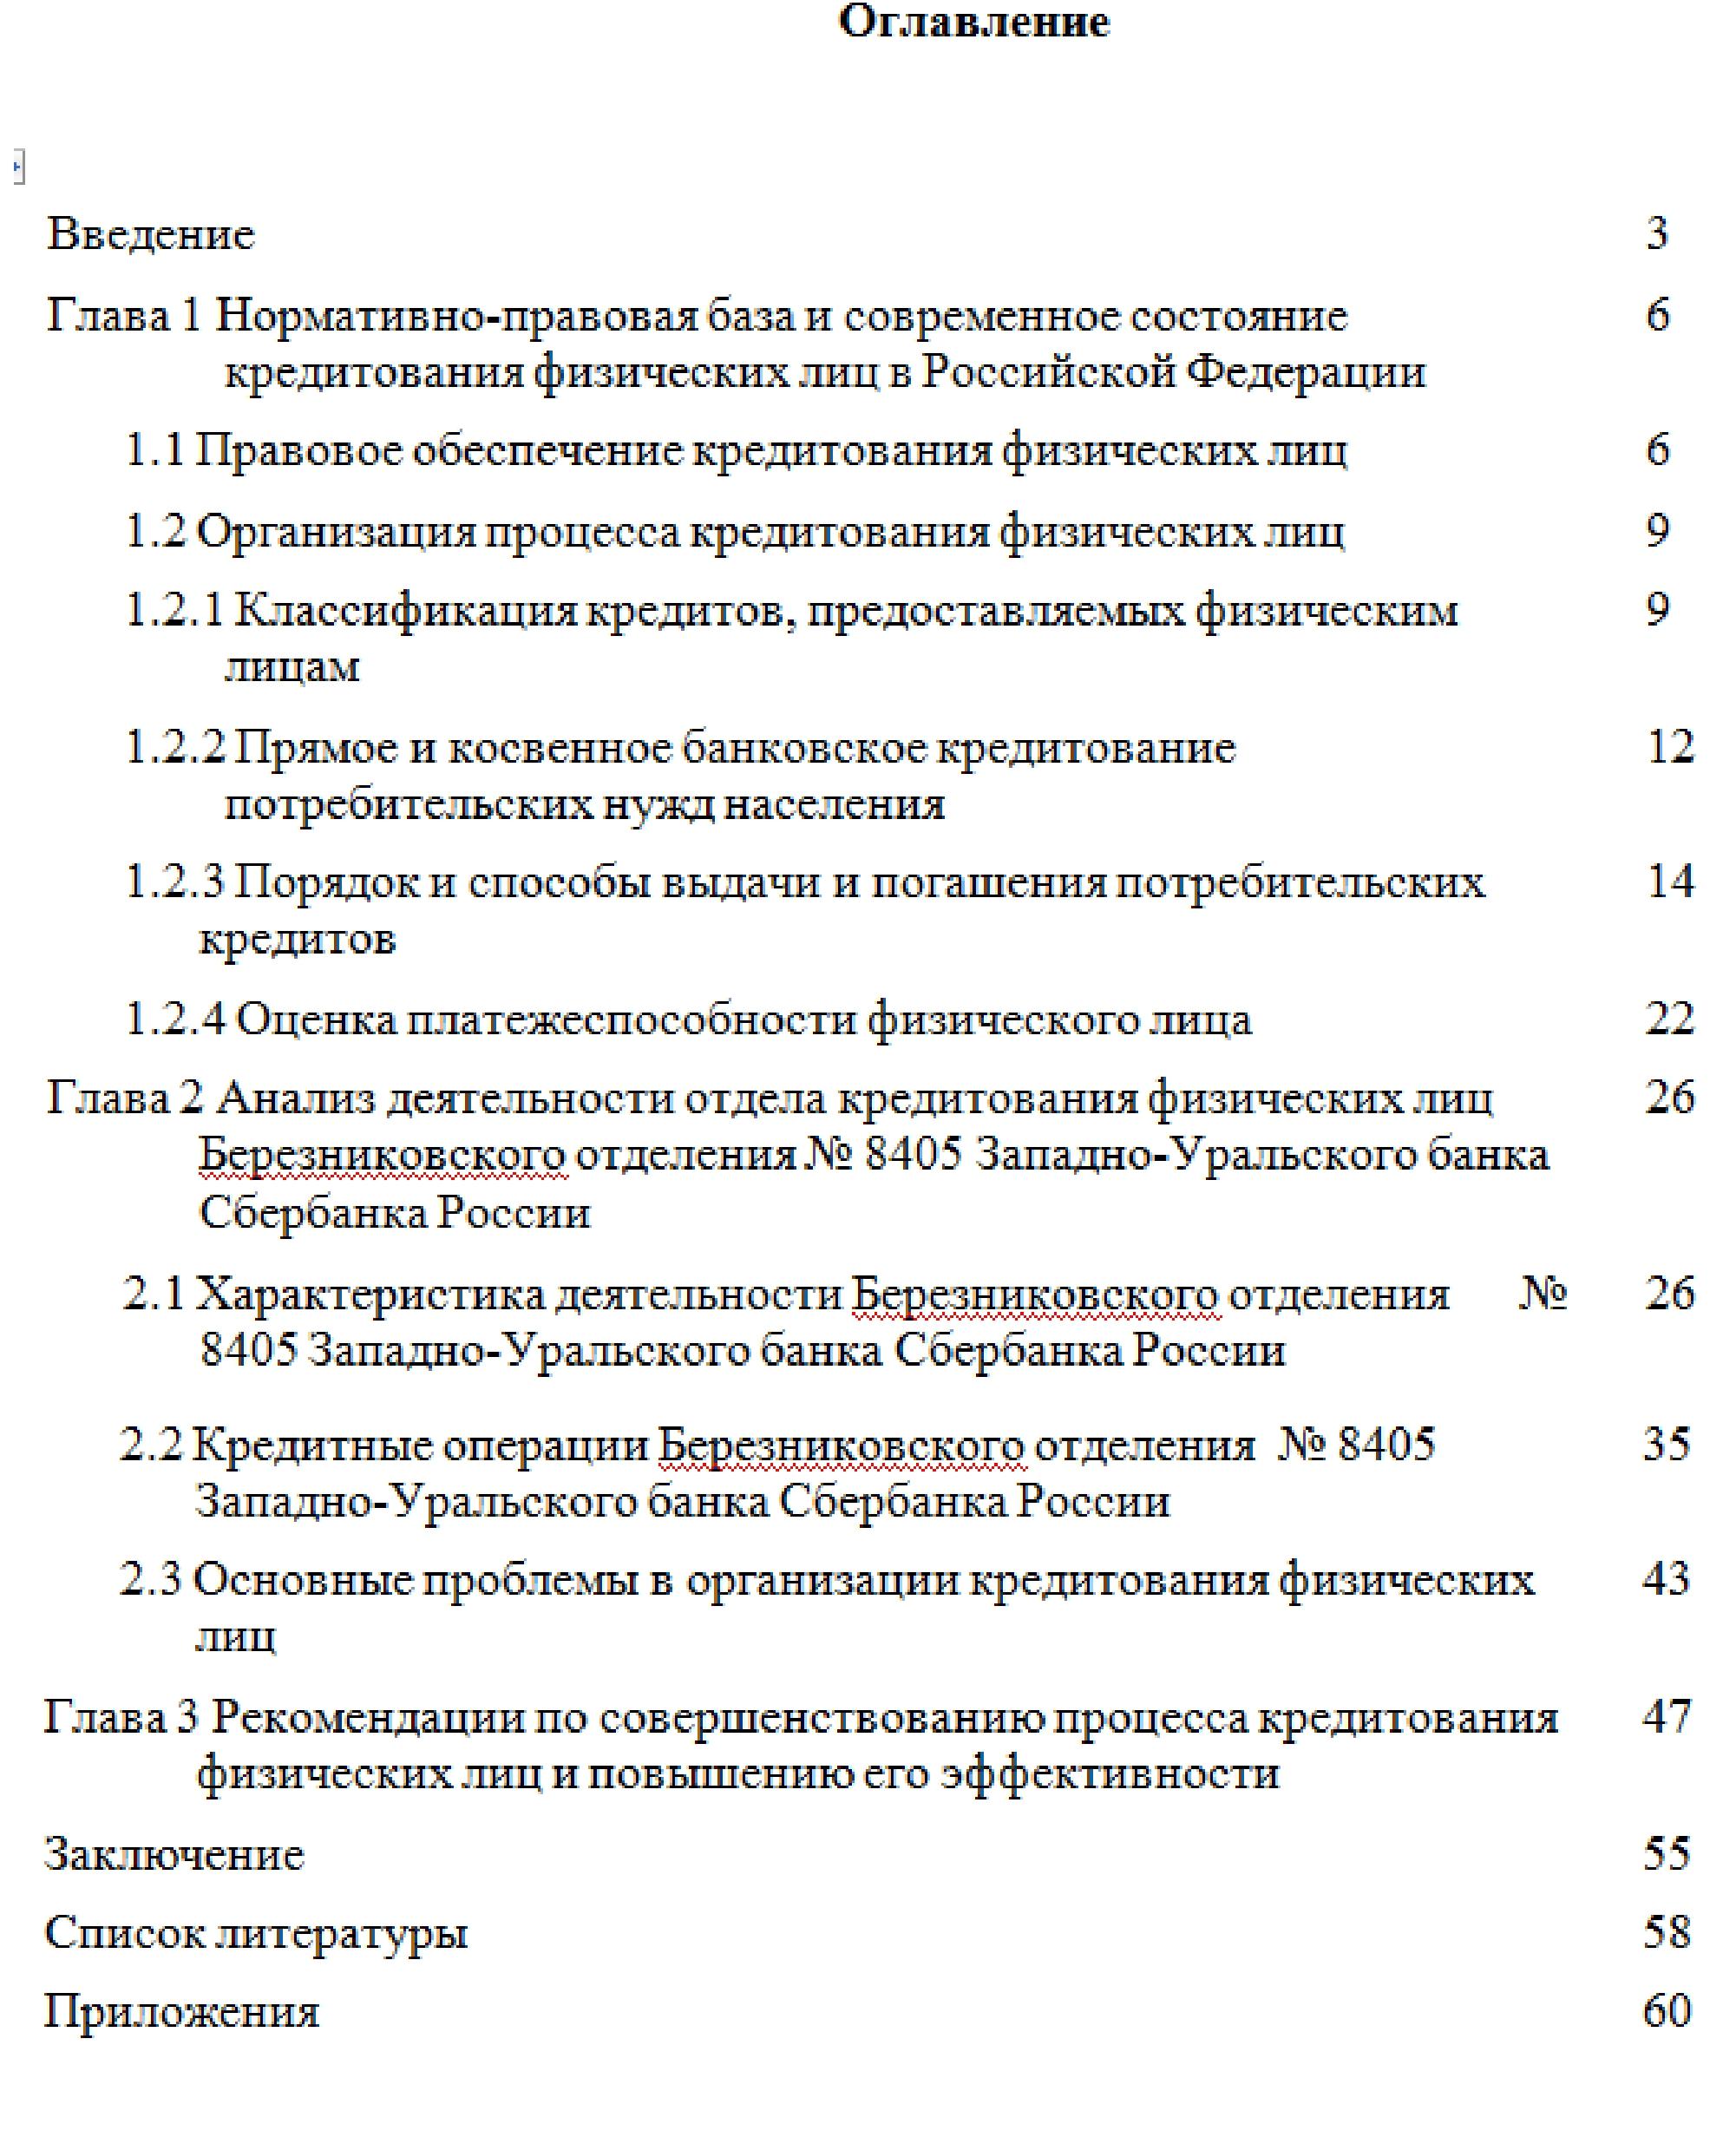 Отчет по преддипломной практике Анализ и совершенствование кредитования физических лиц на примере банка Сбербанк России